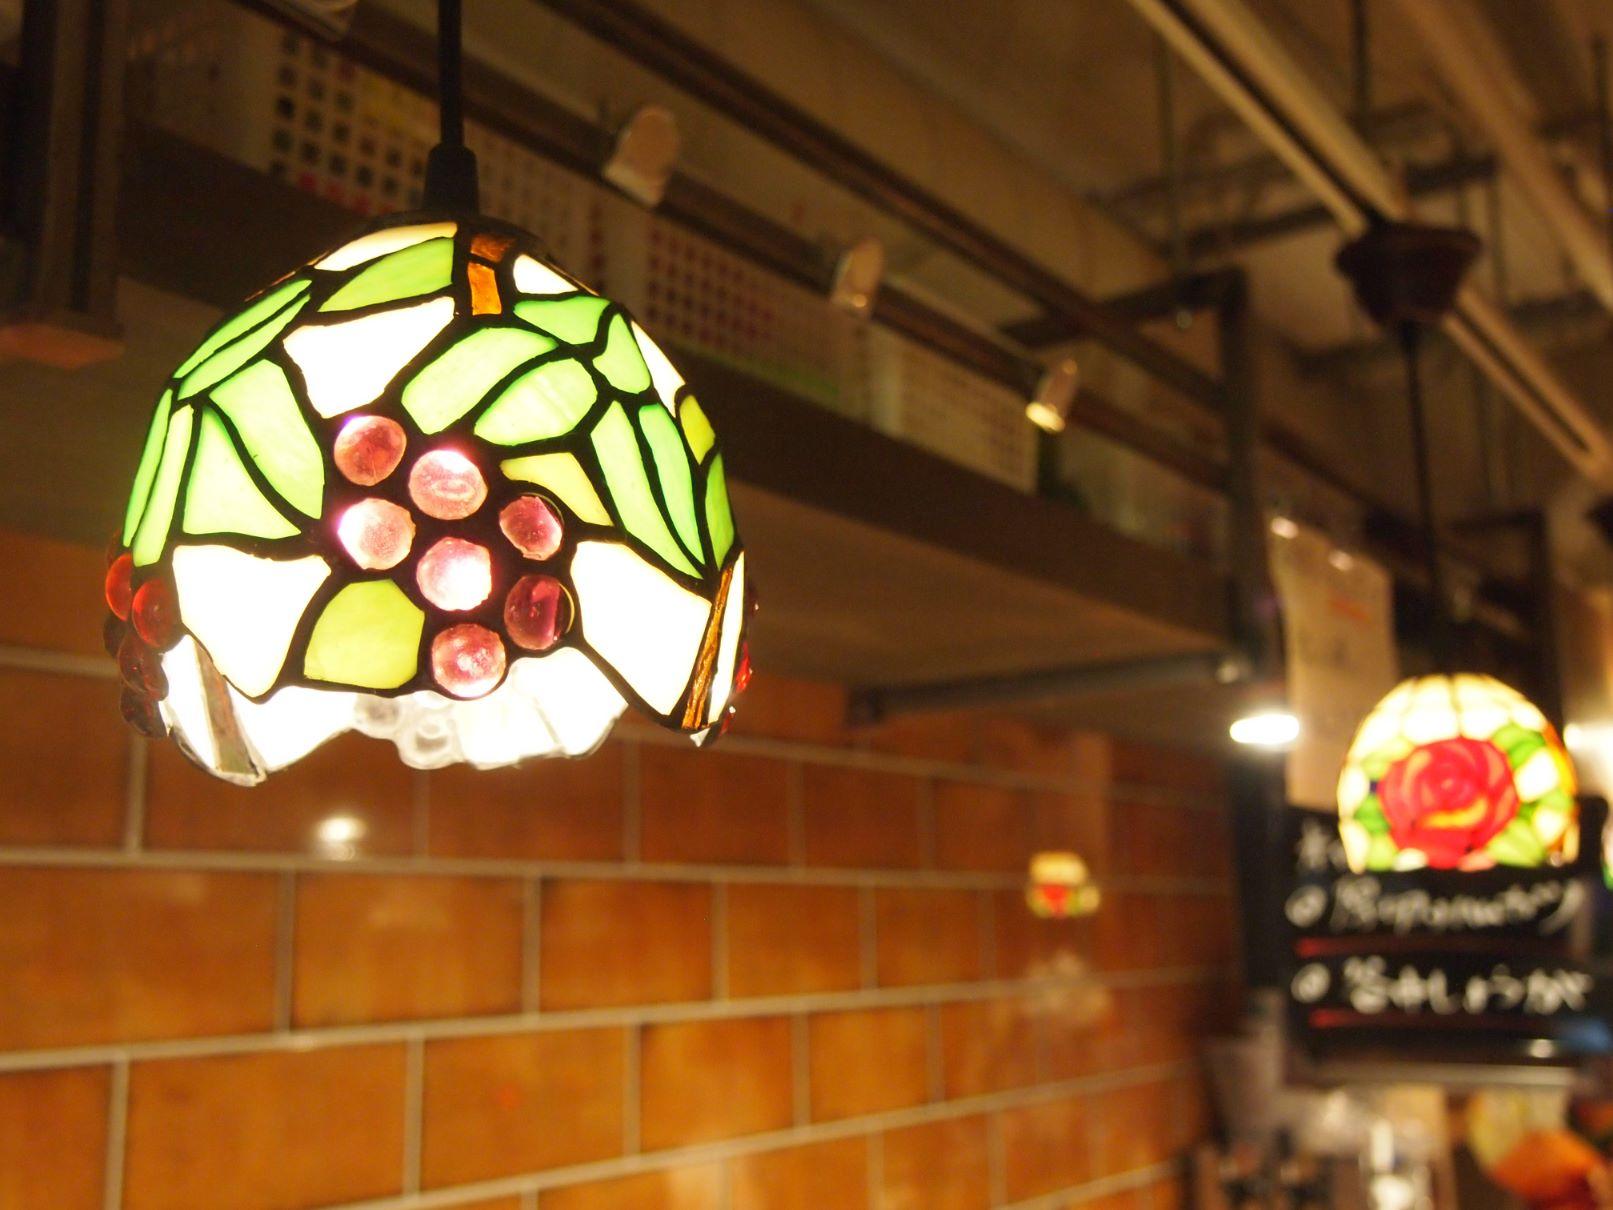 【大山】『大衆酒場ろくふみ』大衆酒場×ステンドグラスで、入りやすいお店に変身!女性も大歓迎の店内。